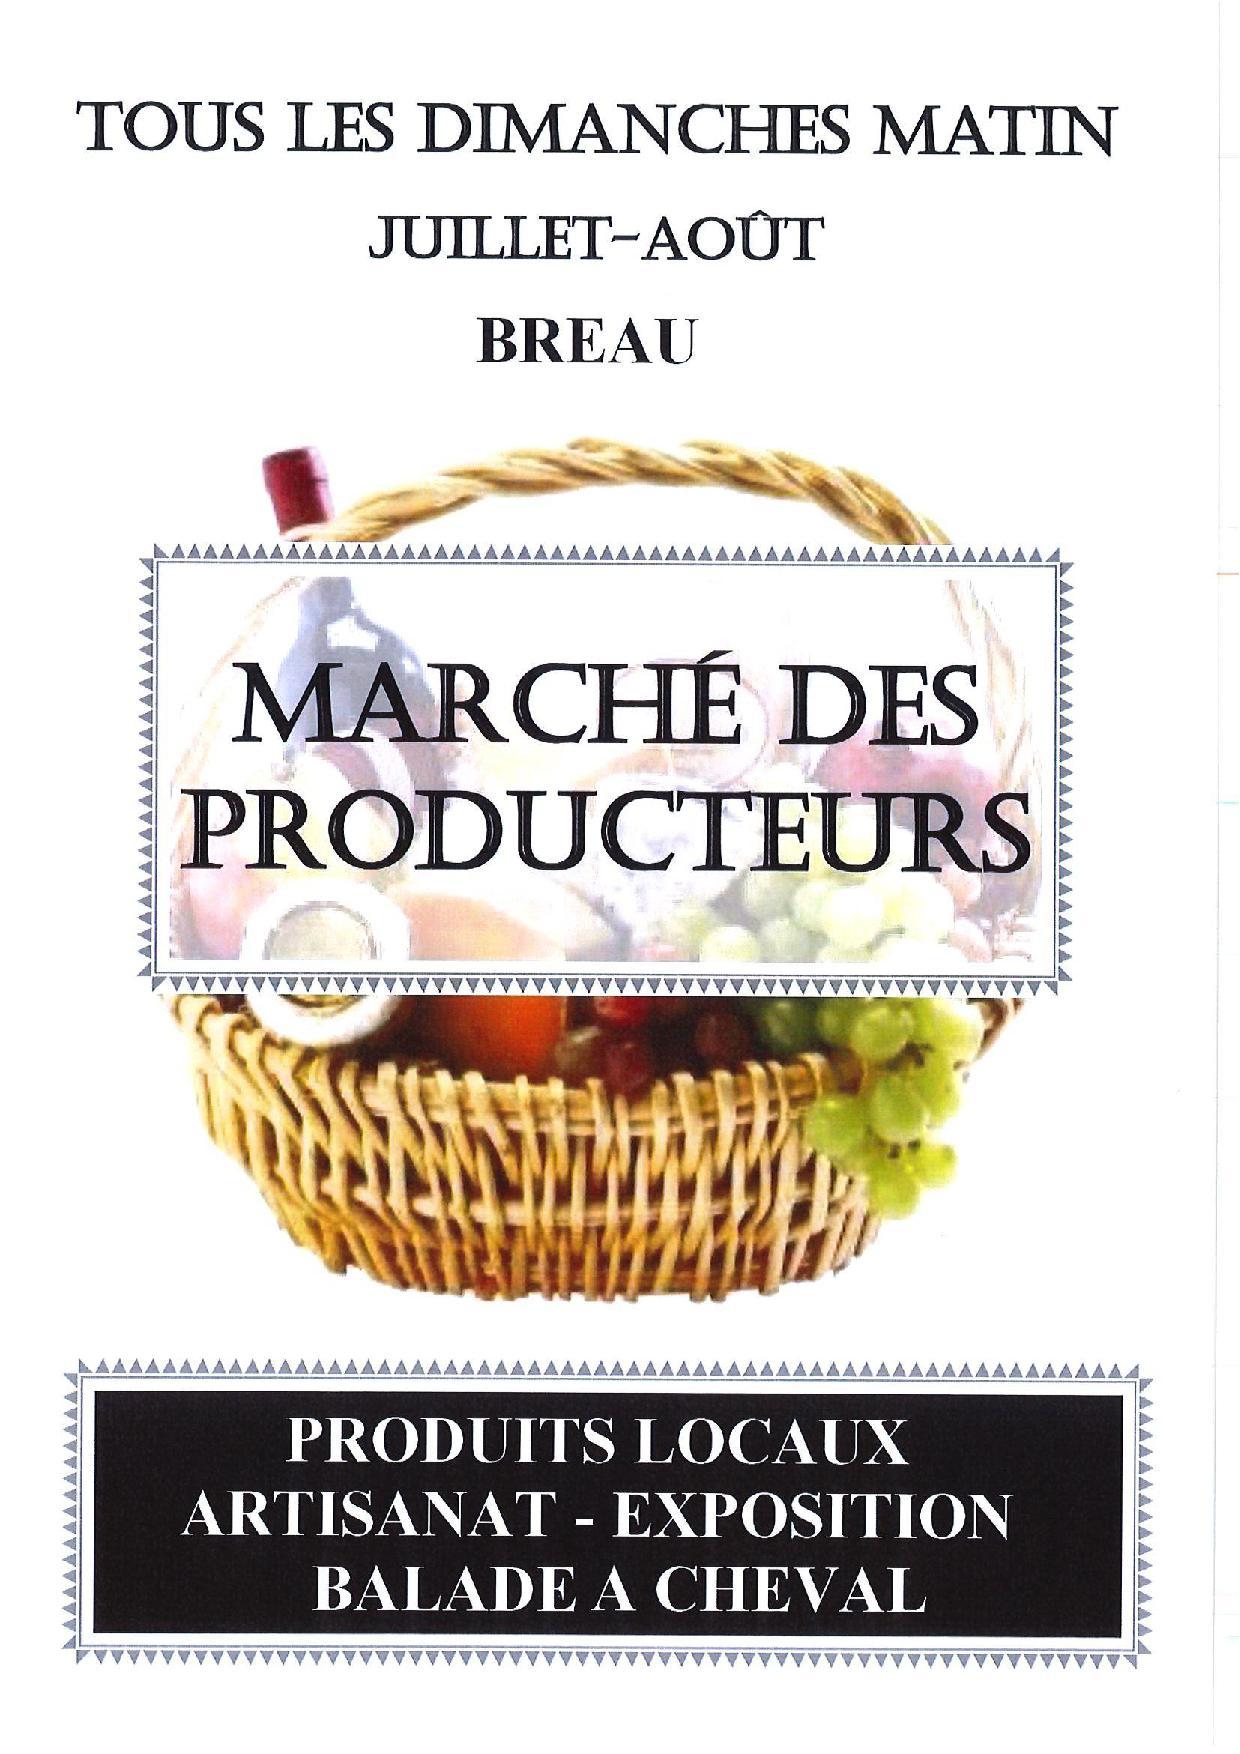 Marché de Bréau ce dimanche 5 juillet 2020, c'est parti !